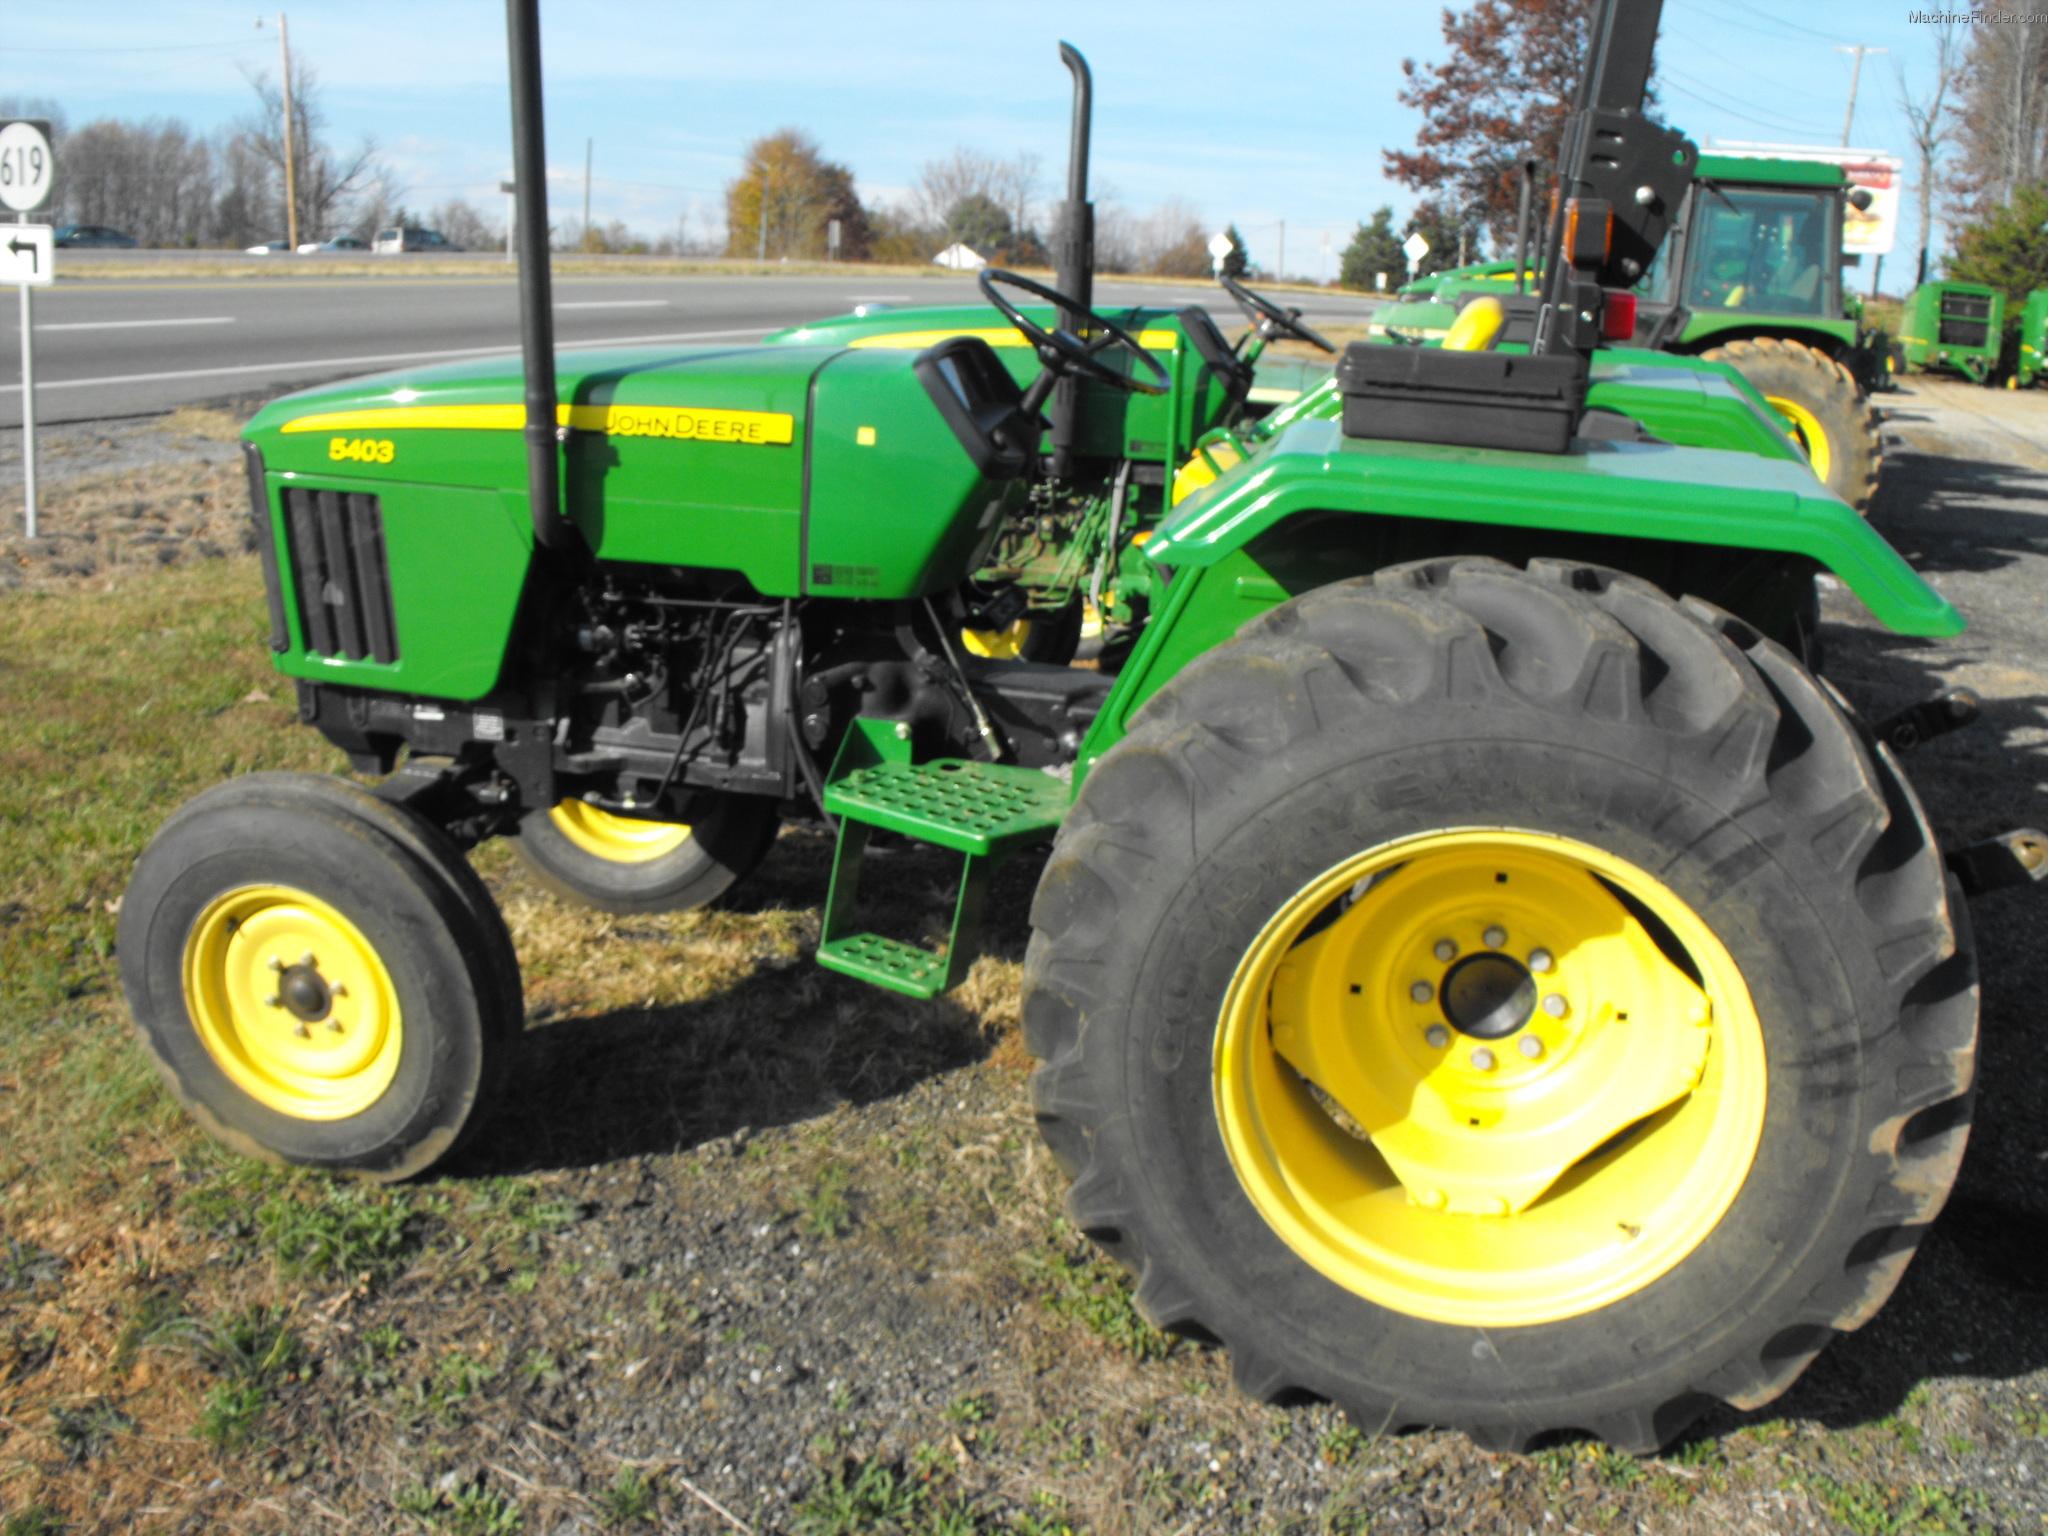 TractorData.com John Deere 5403 tractor photos information